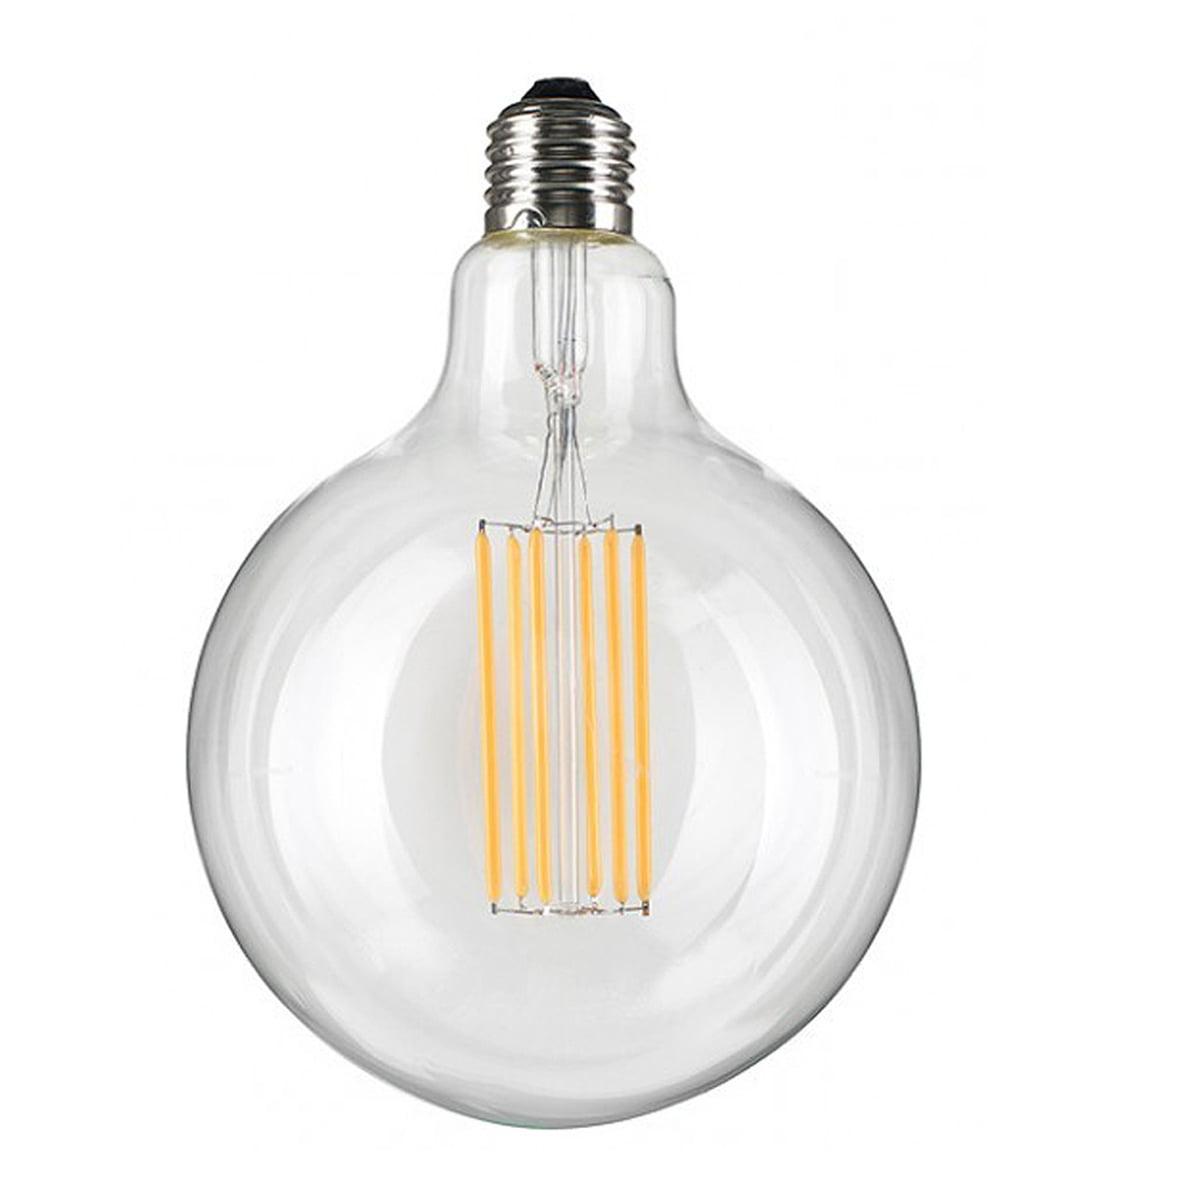 Ampoule led globe de nud collection - Ampoule nud collection ...